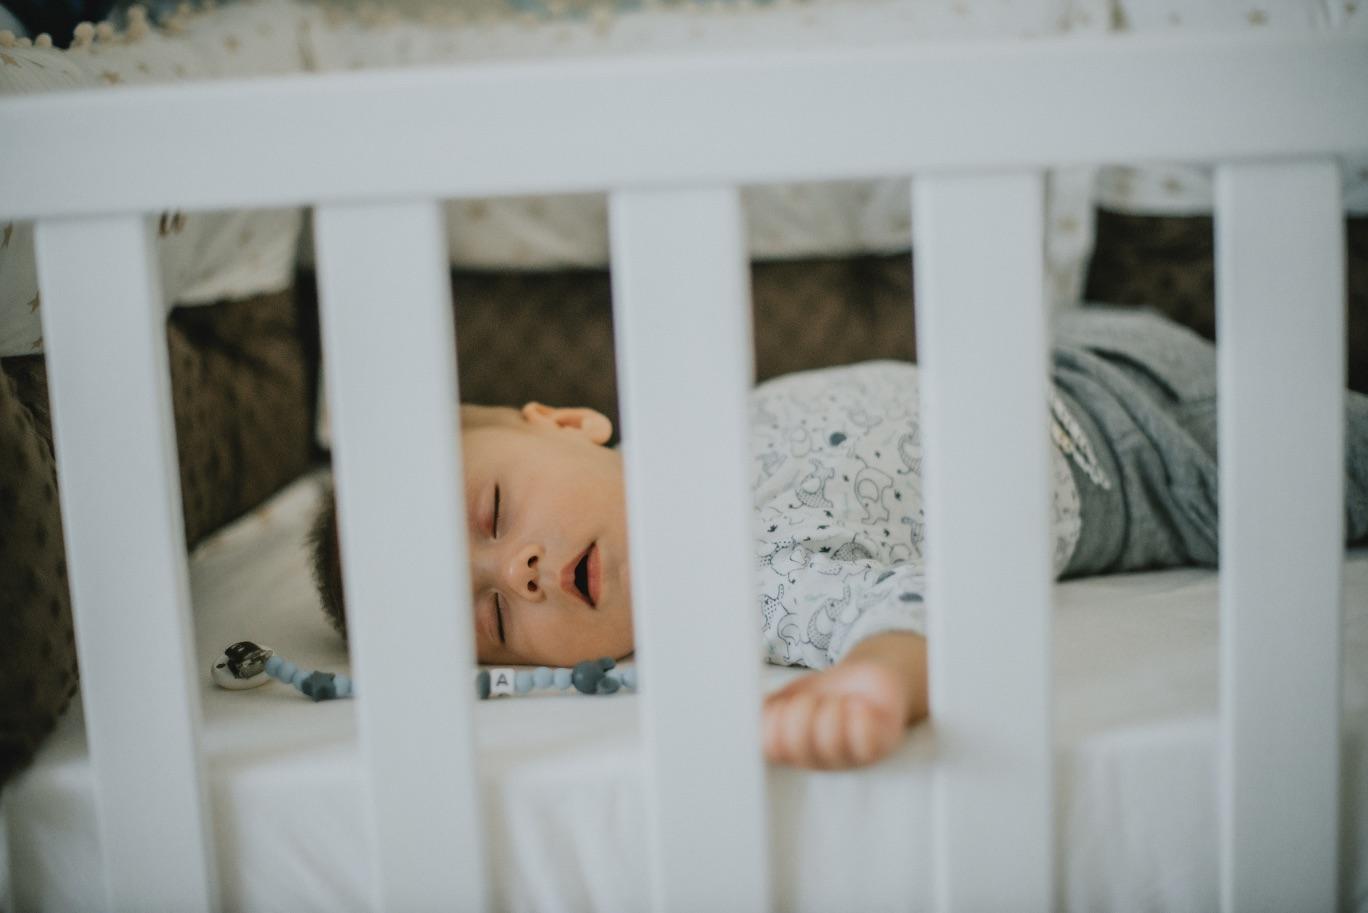 Somnul gemenilor mei la 9 luni